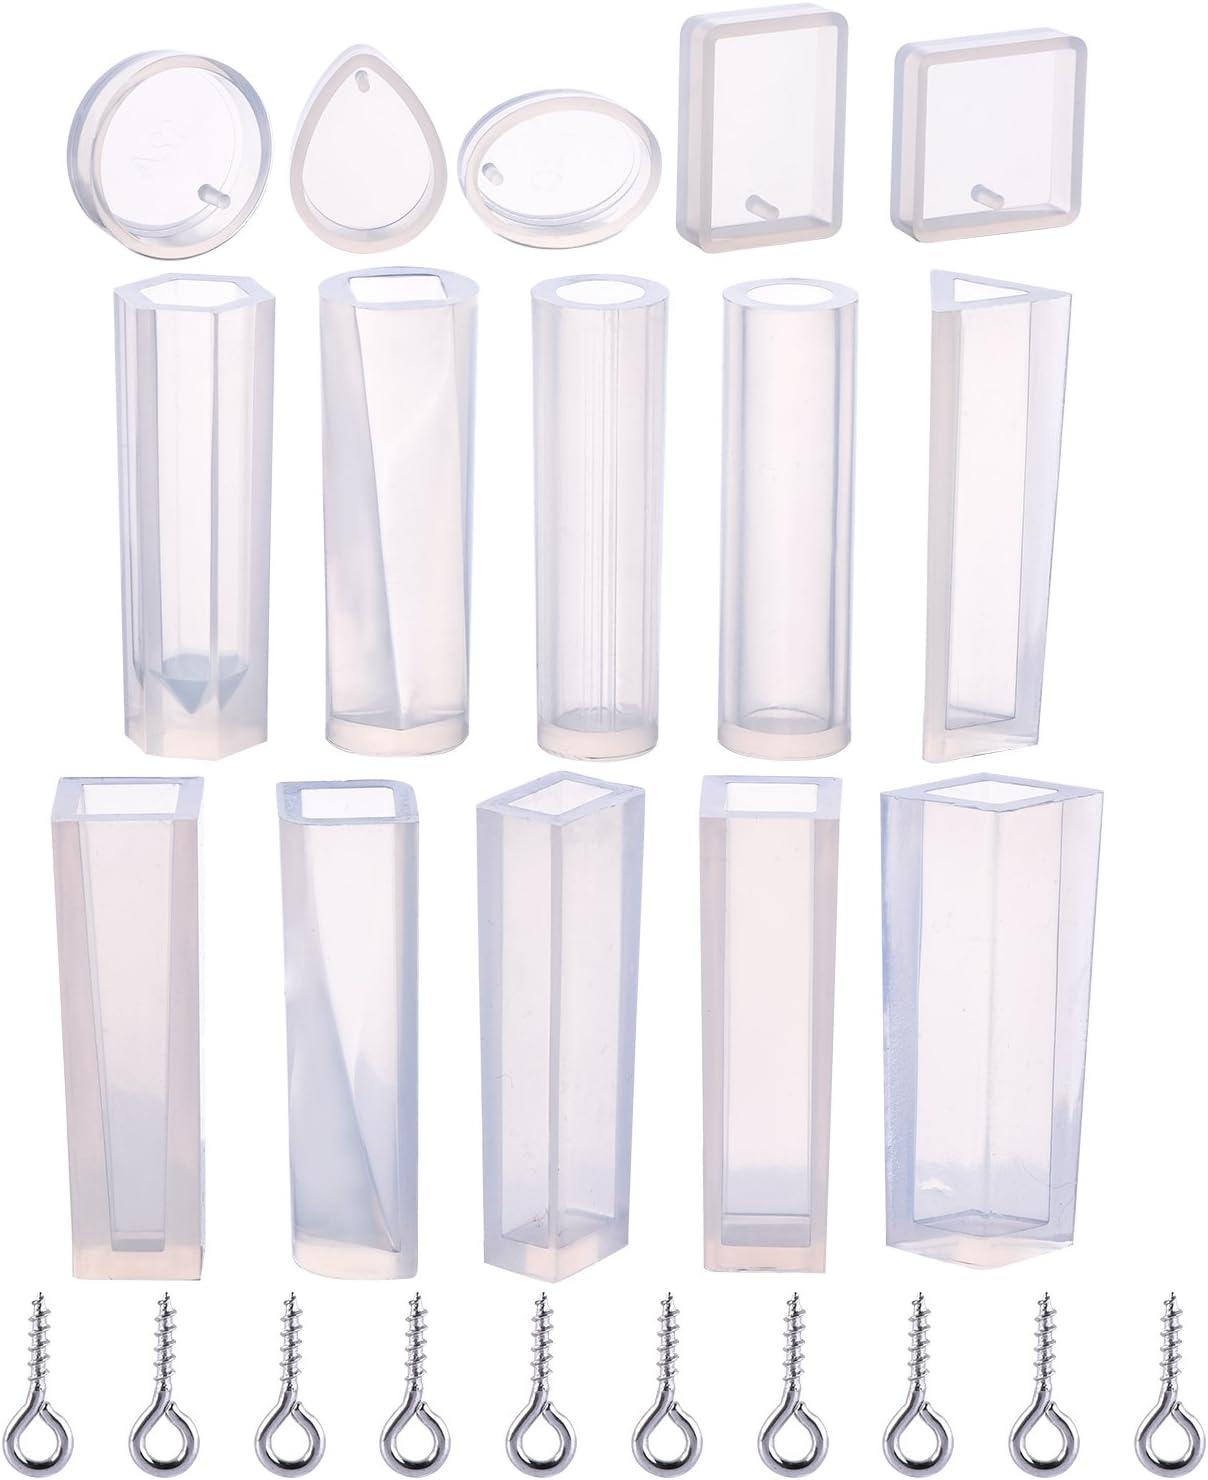 15 moldes de silicona para resina